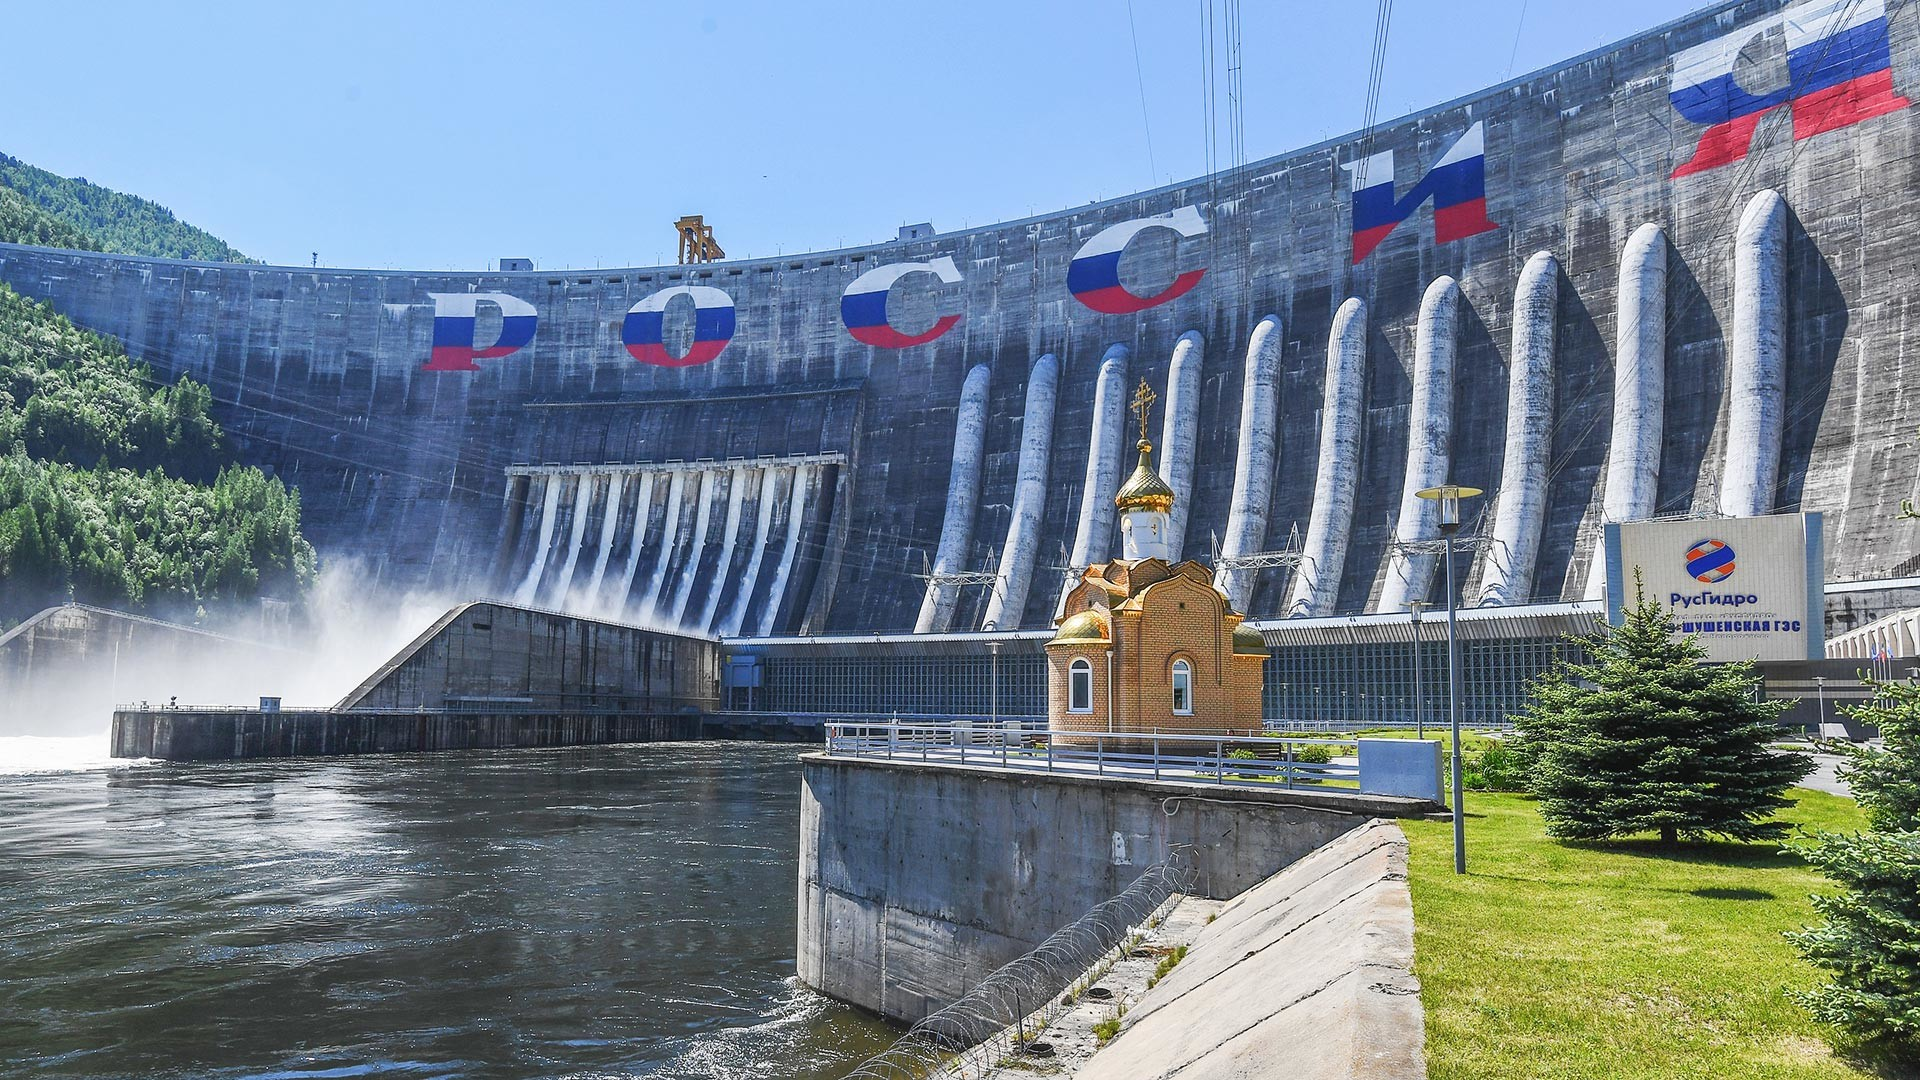 La centrale idroelettrica Sayano-Shushenskaya